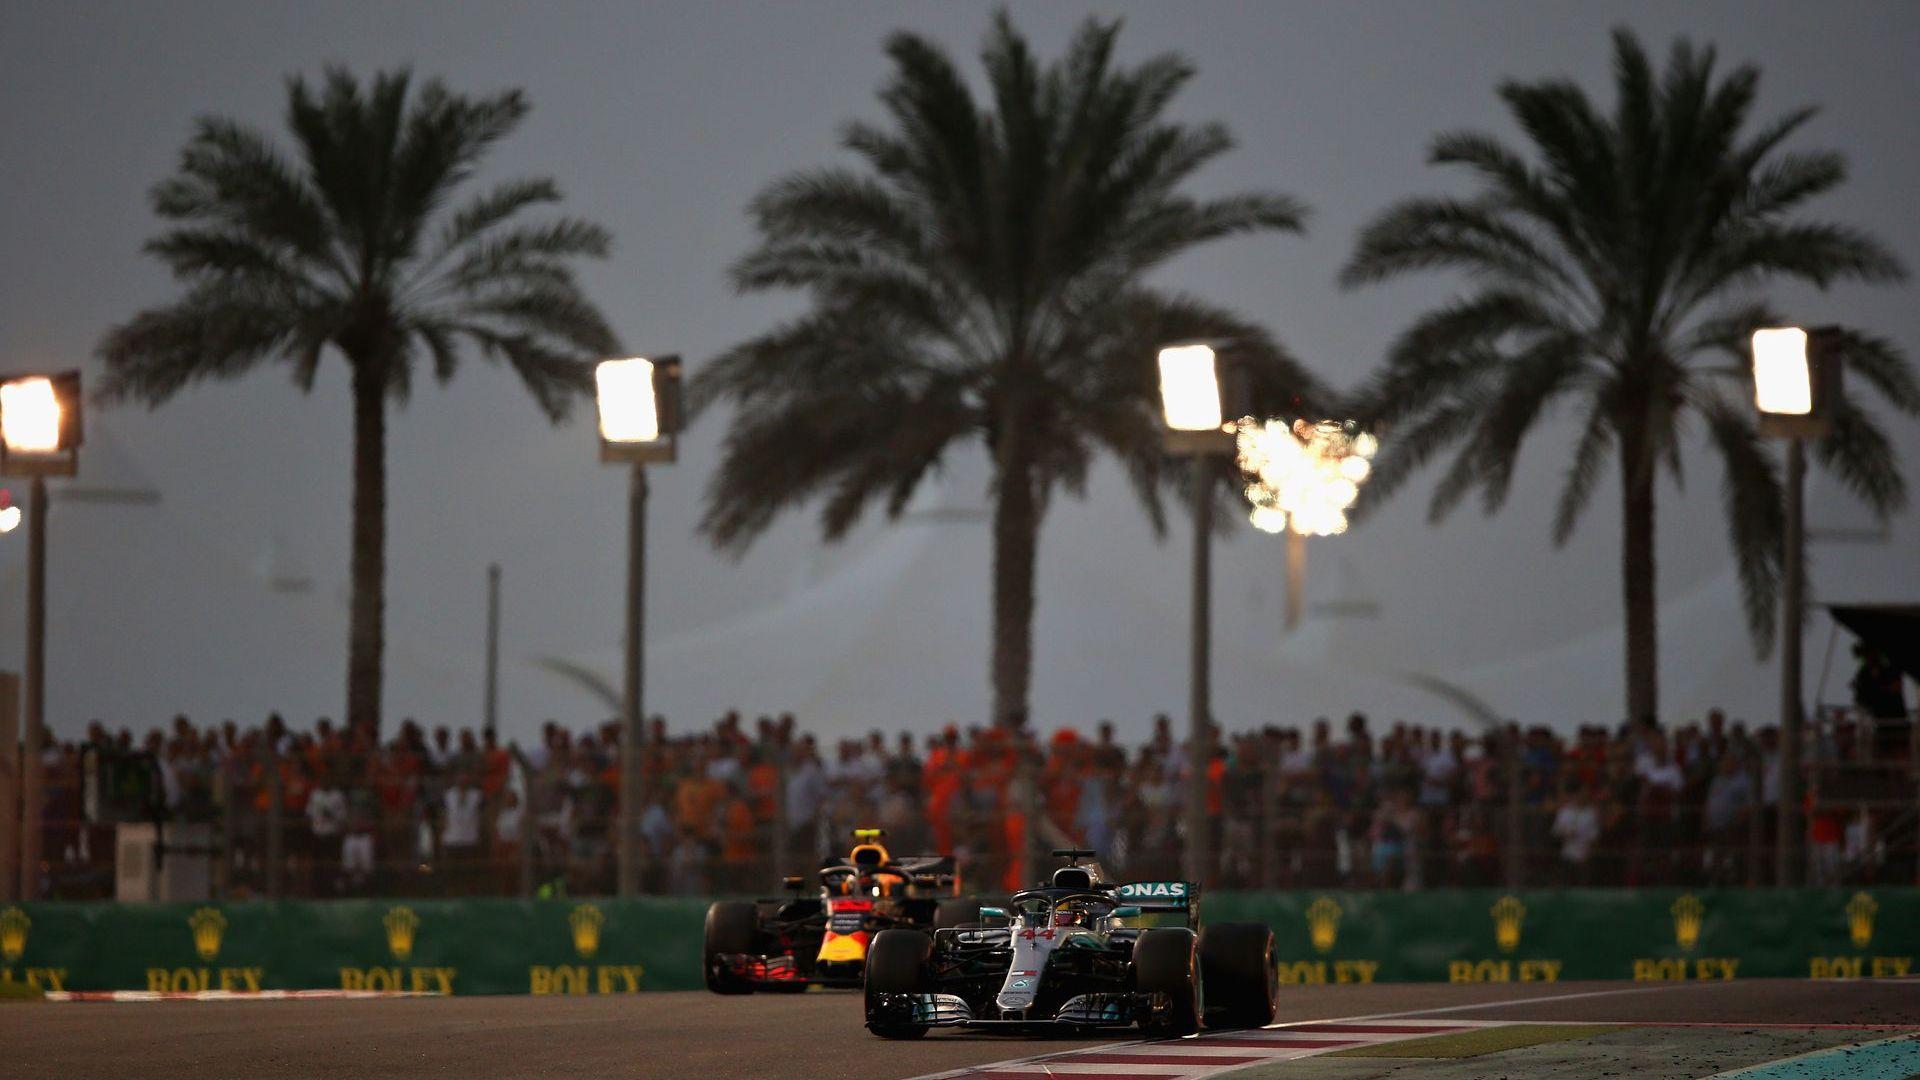 Въпреки лавината от критики, Формула 1 отива в Саудитска Арабия през 2021 г.